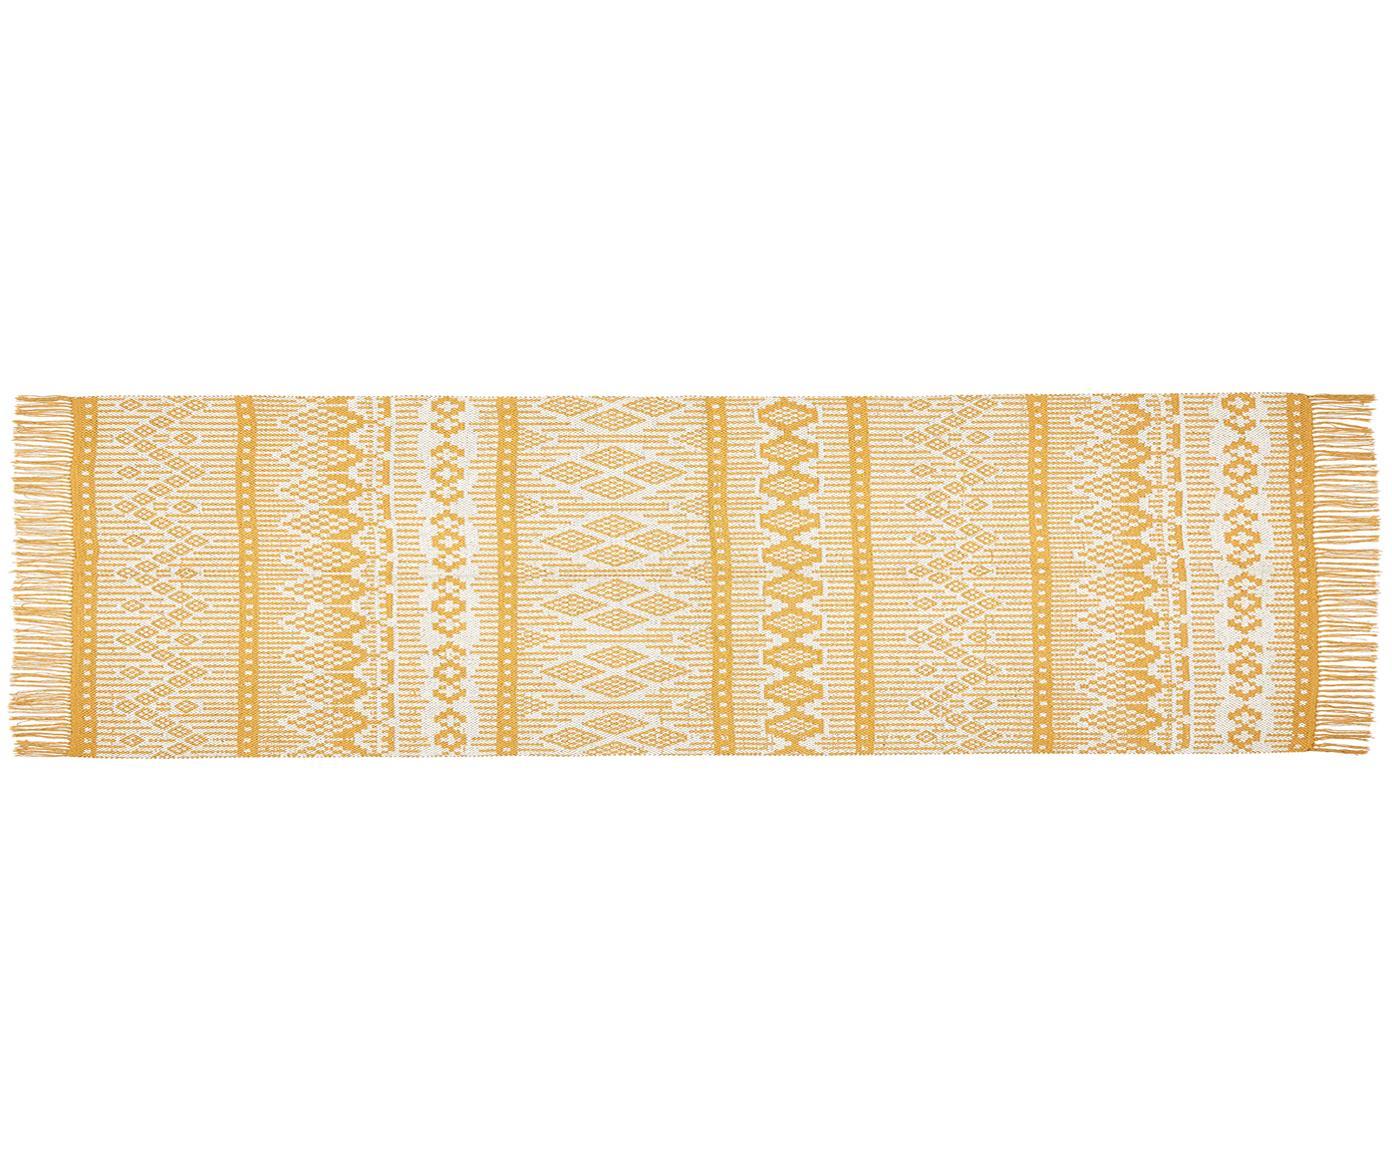 Passatoia etnica in cotone riciclato Panama, Cotone riciclato, Crema, giallo senape, Larg. 70 x Lung. 250 cm